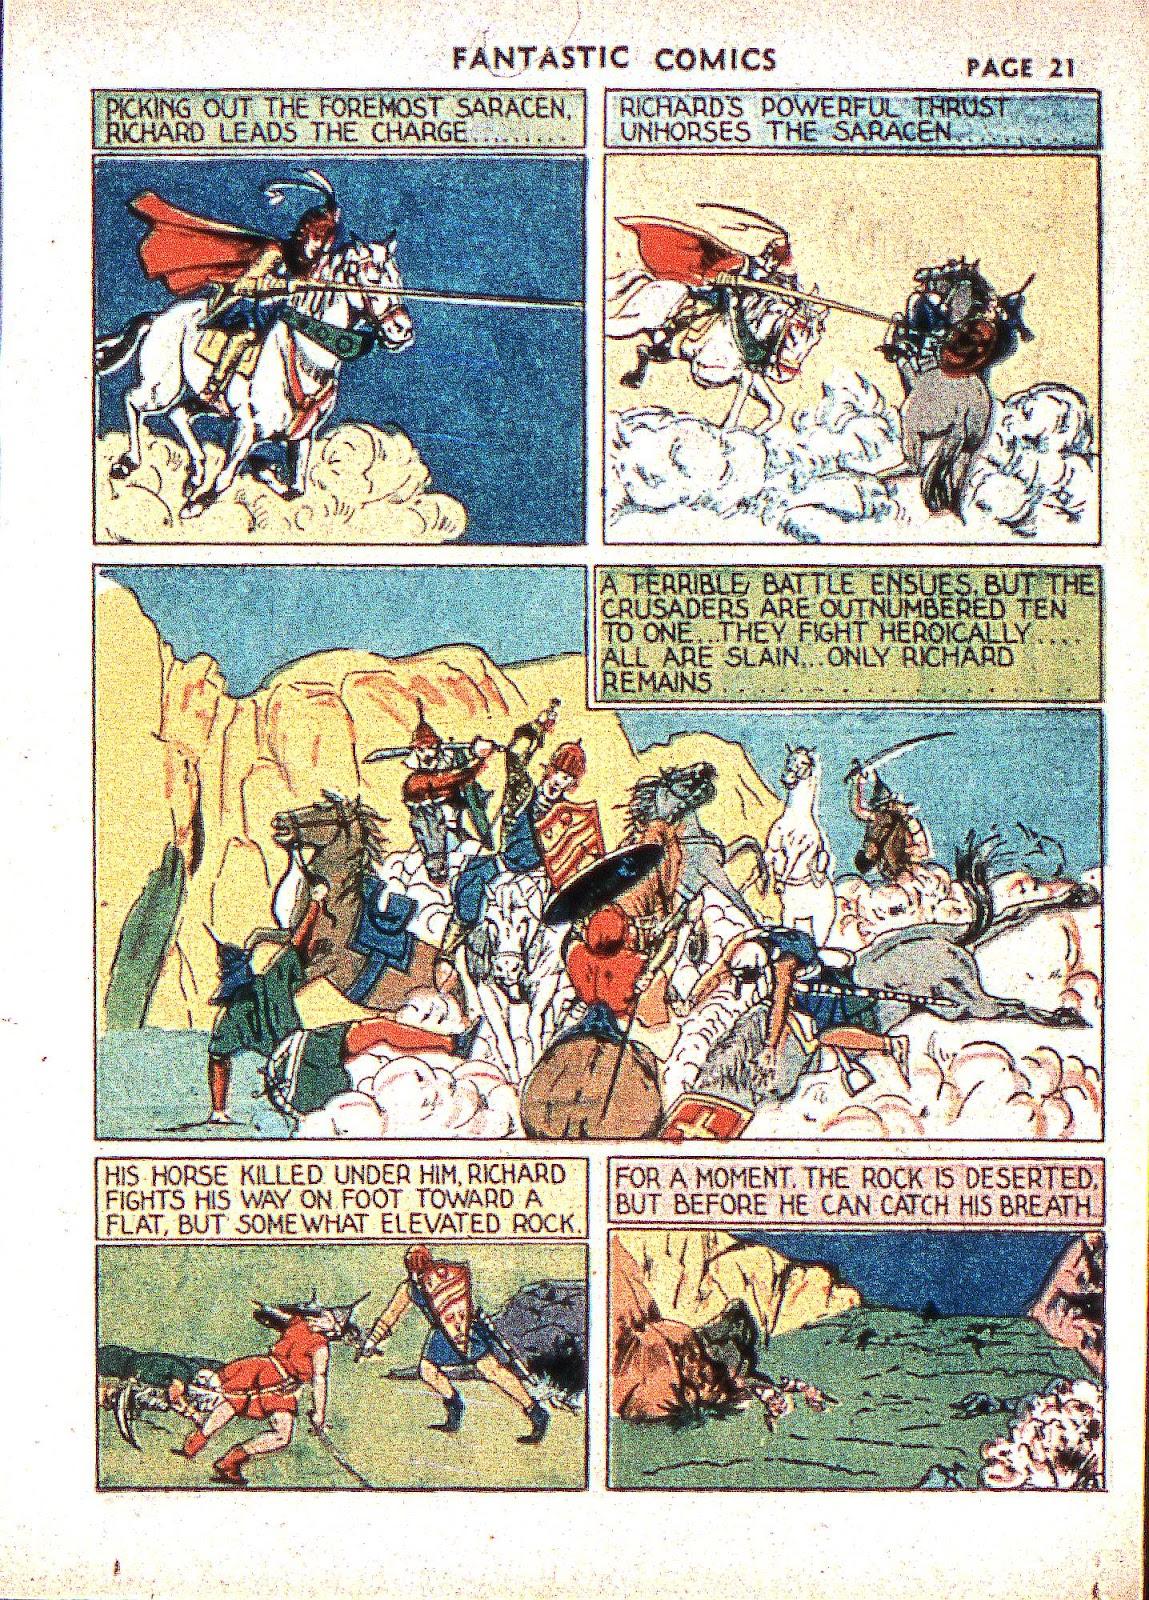 Read online Fantastic Comics comic -  Issue #2 - 23